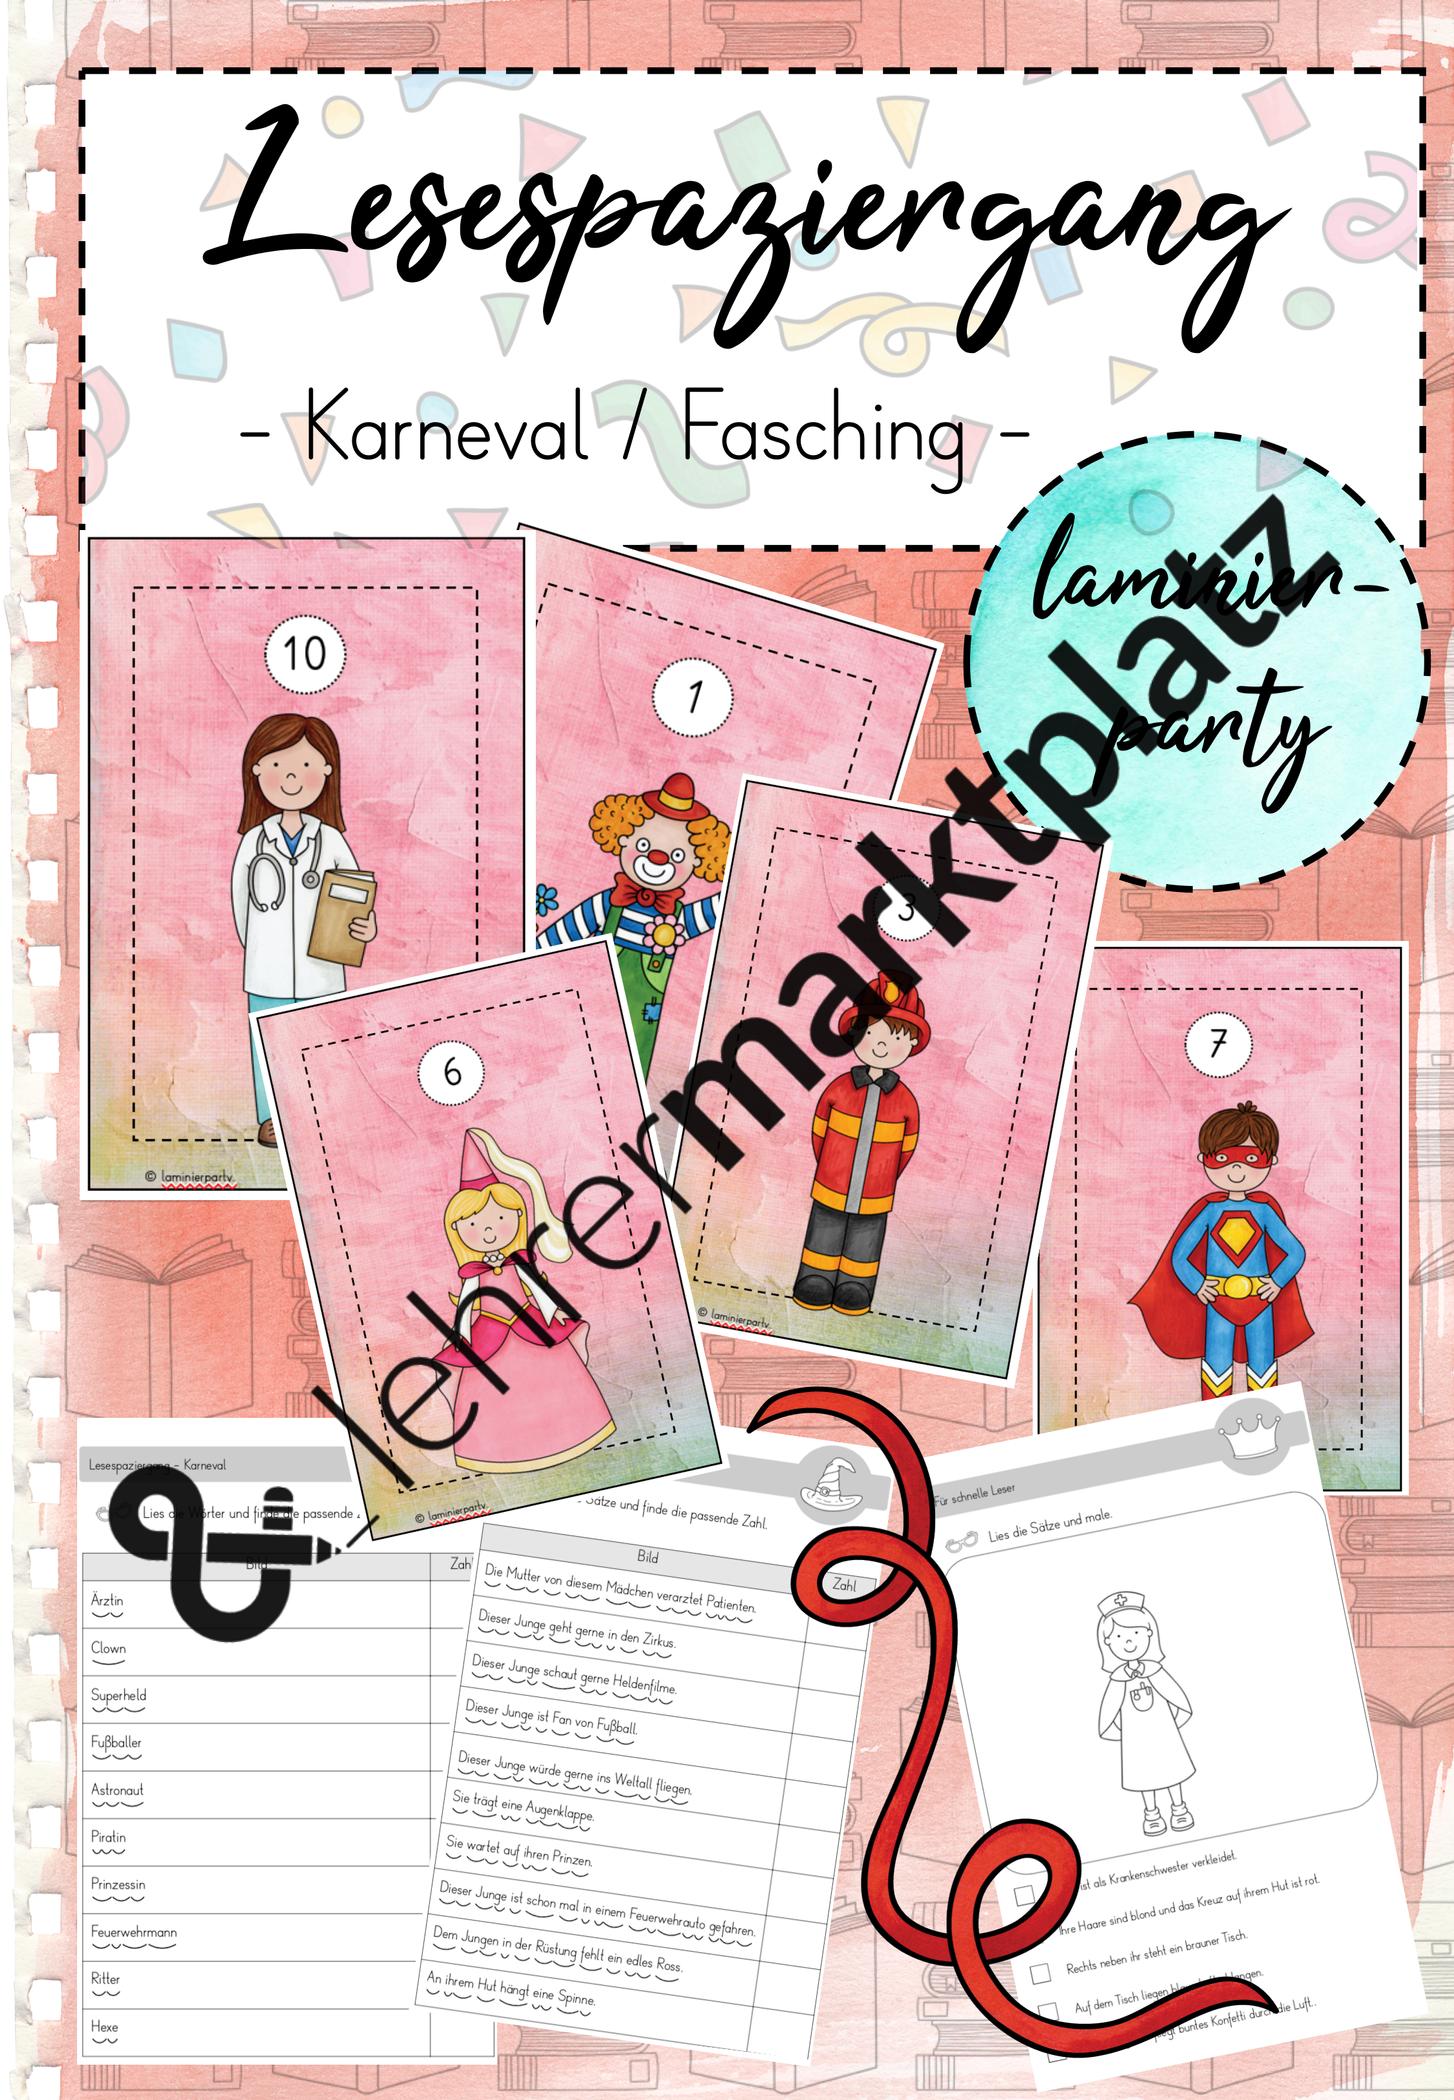 Lesespaziergang Karneval Fasching Klasse 1 2 Unterrichtsmaterial In Den Fachern Daz Daf Deutsch Fachubergreifendes In 2020 Karneval Fasching Bildkarten